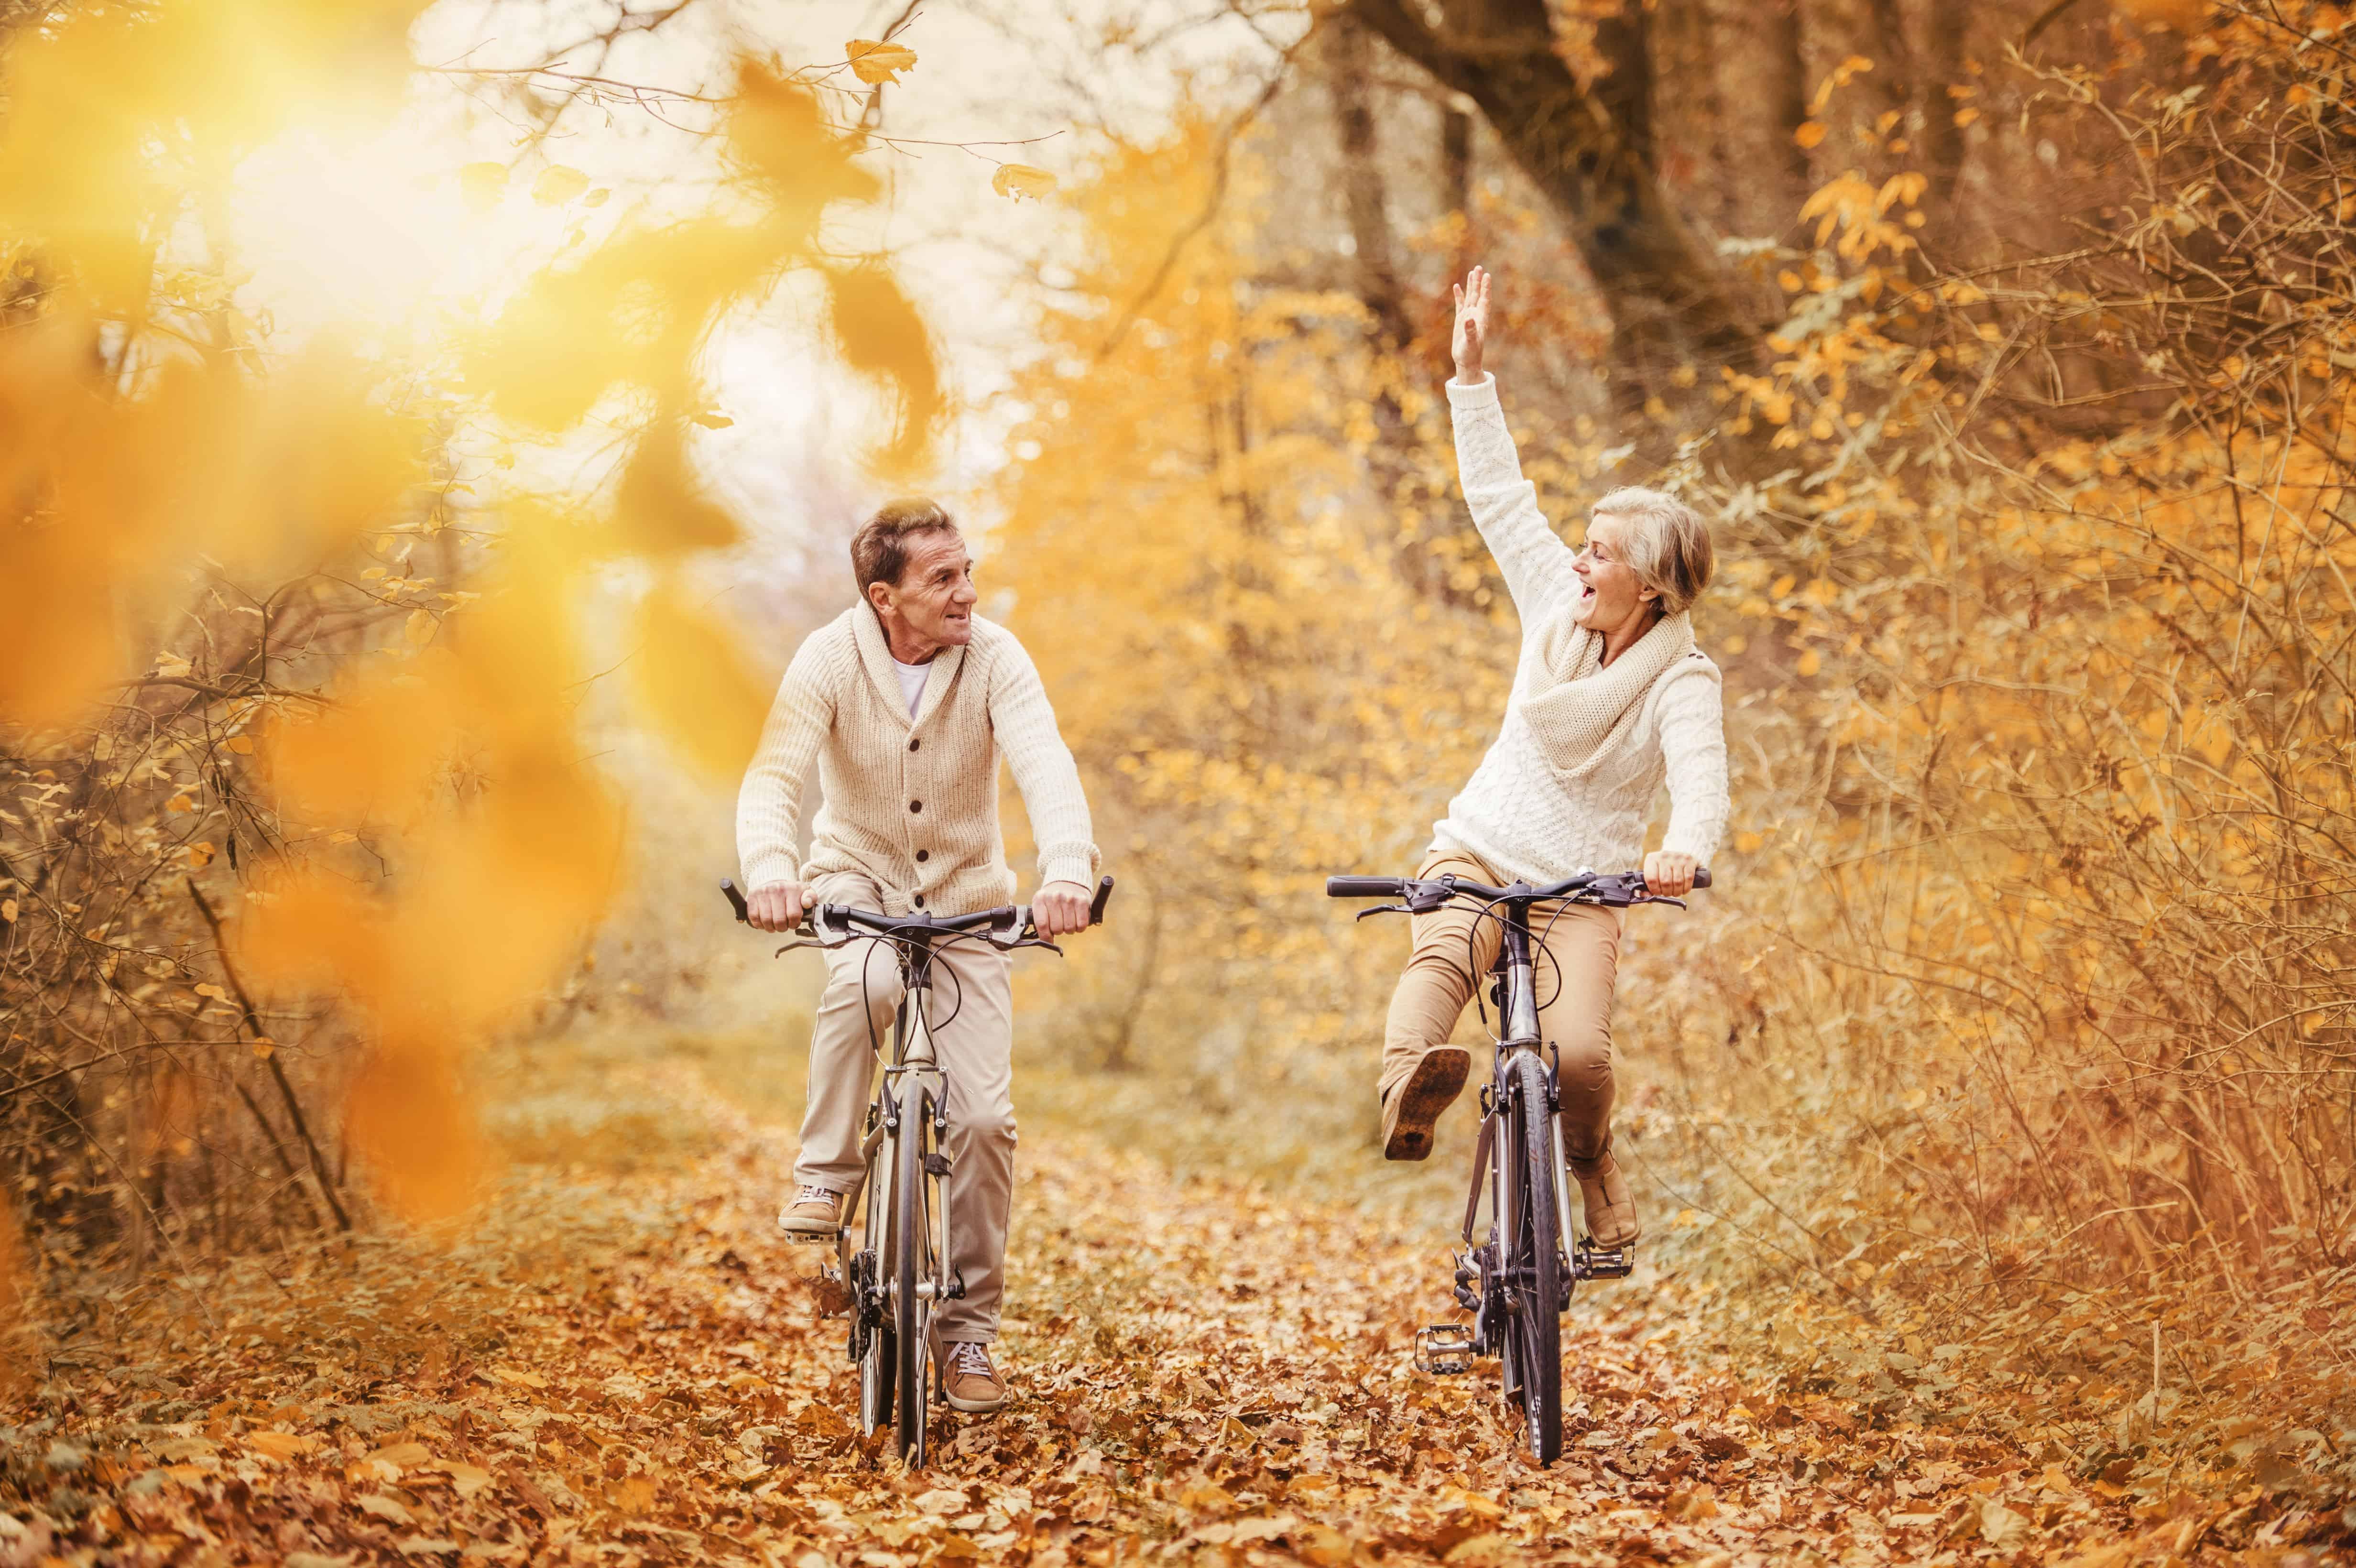 Korzyści zdrowotne aktywności fizycznej uosób starszych